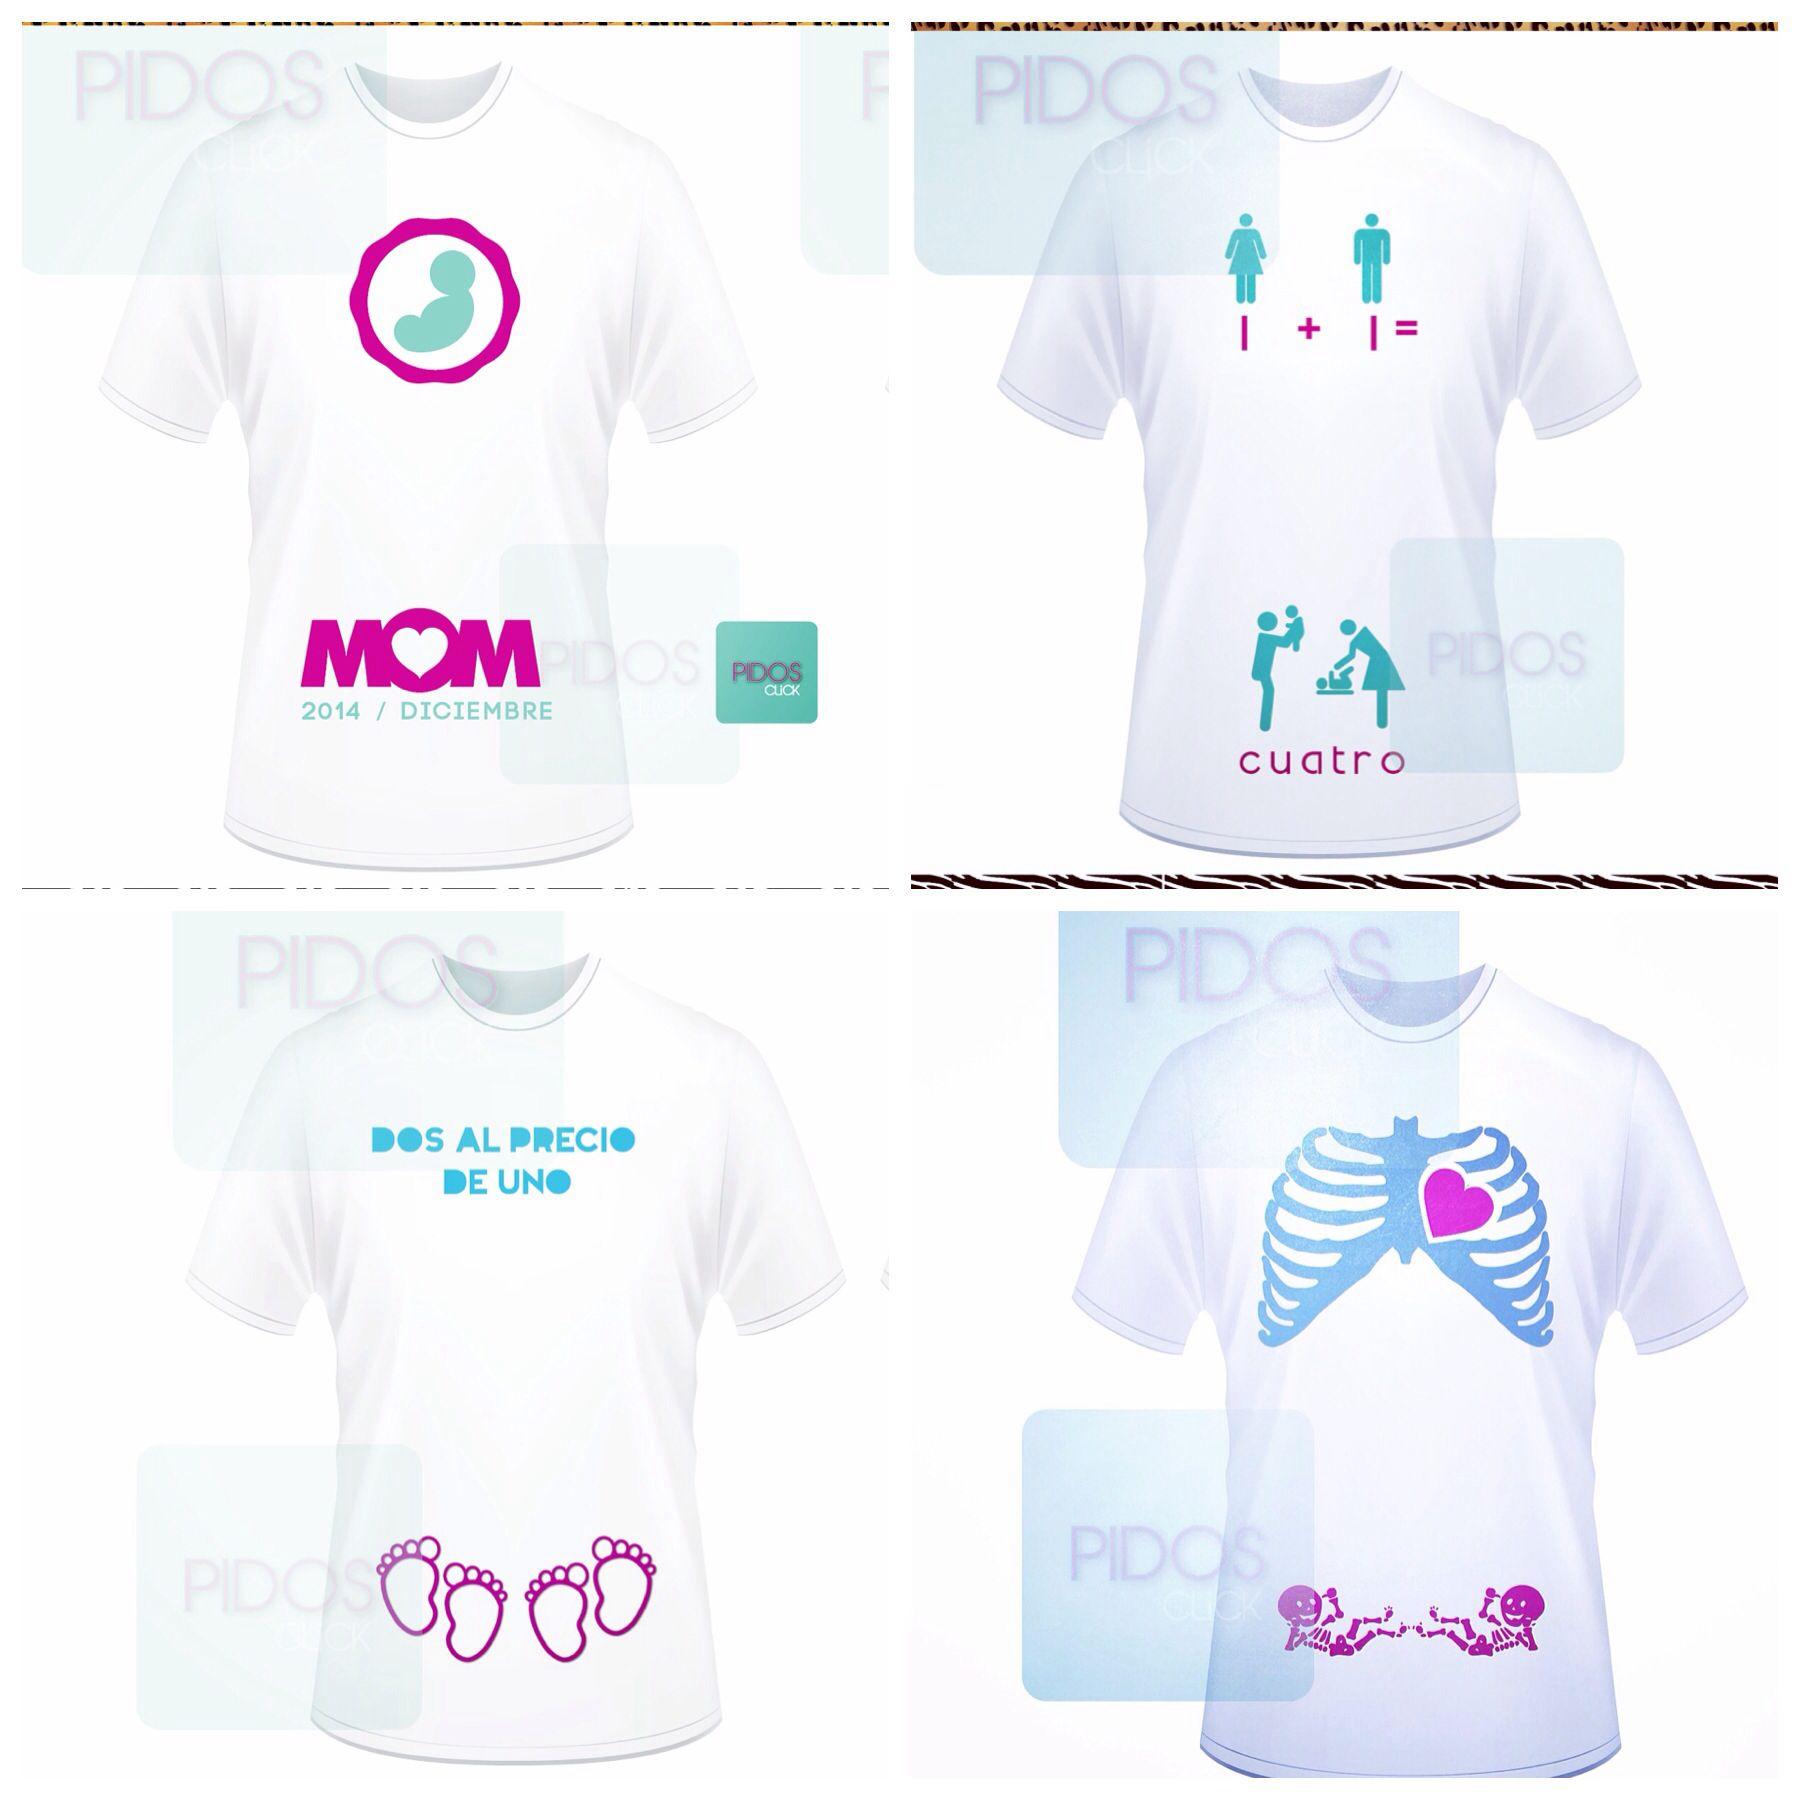 Modelos para embarazadas   #embarazo #embarazada #mx #mexicana #gemelos #bebé #bebetips #bbtips #playerapersonalizada #mexico#azcapotzalco costo $250 pesos